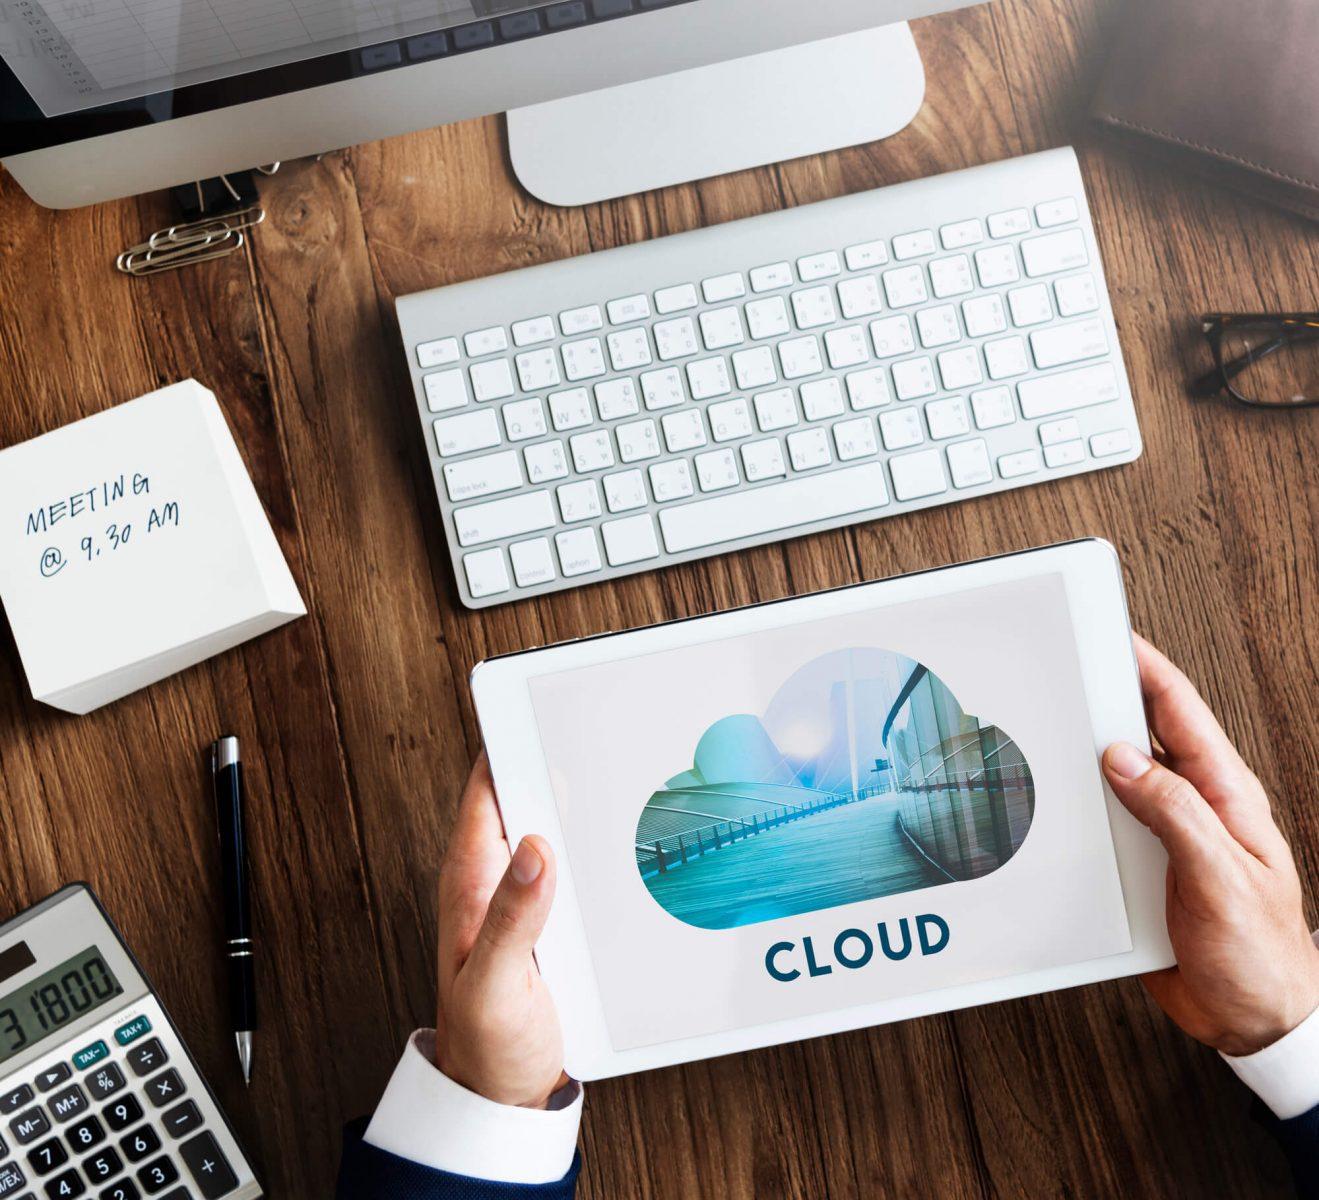 Tendências do cloud para 2018: conheça quais são e seus benefícios